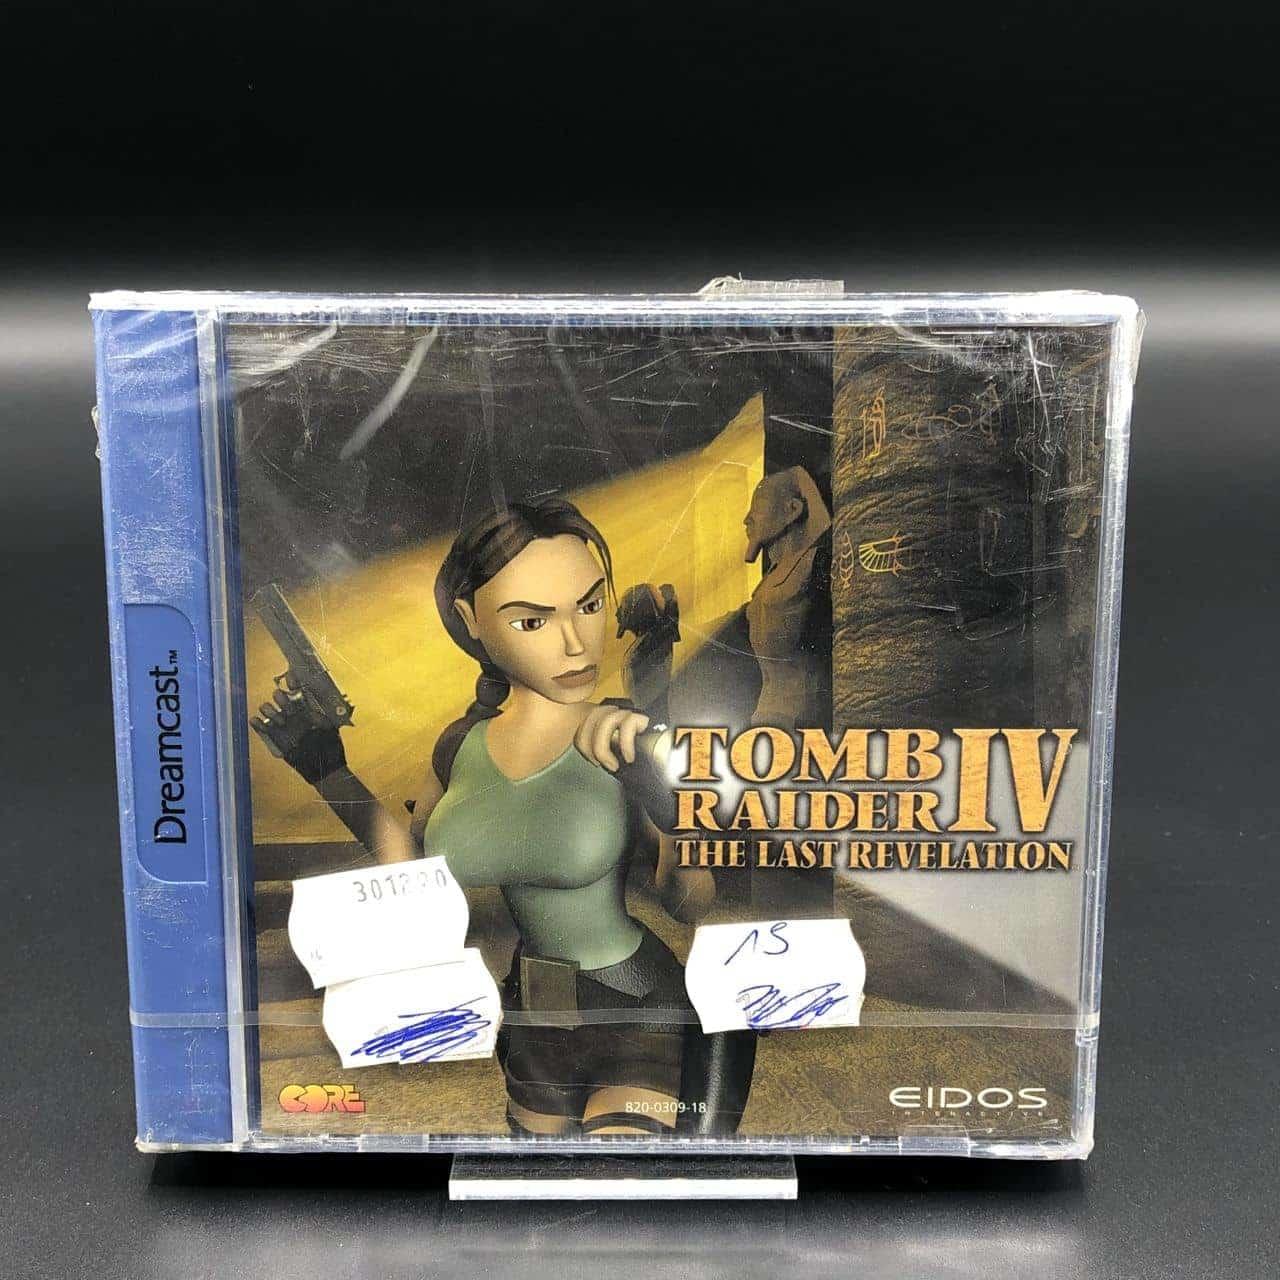 Tomb Raider IV: The Last Revelation (NEU) Sega Dreamcast